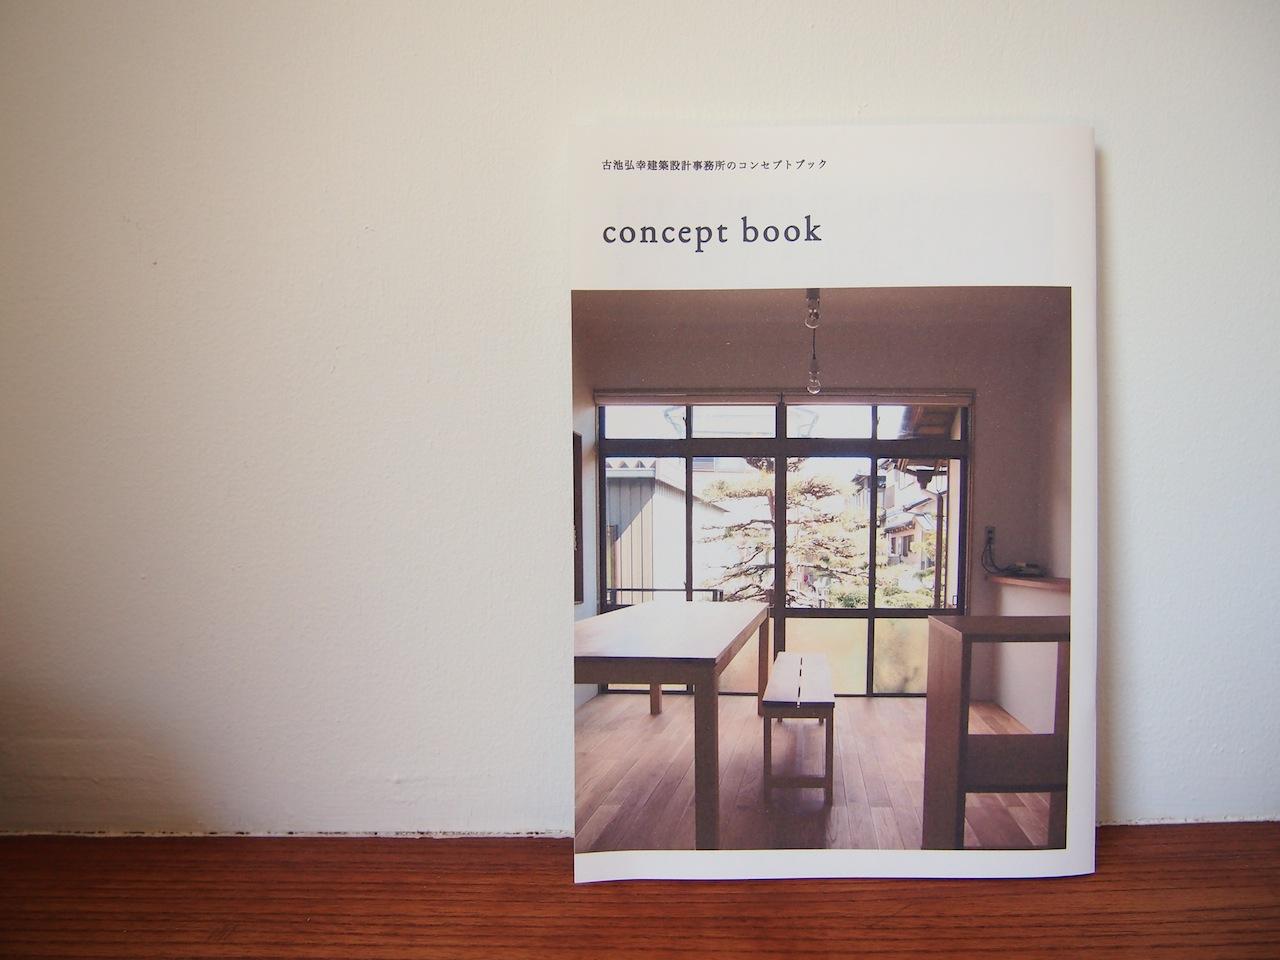 古池弘幸建築設計事務所のコンセプトブックが完成しました。